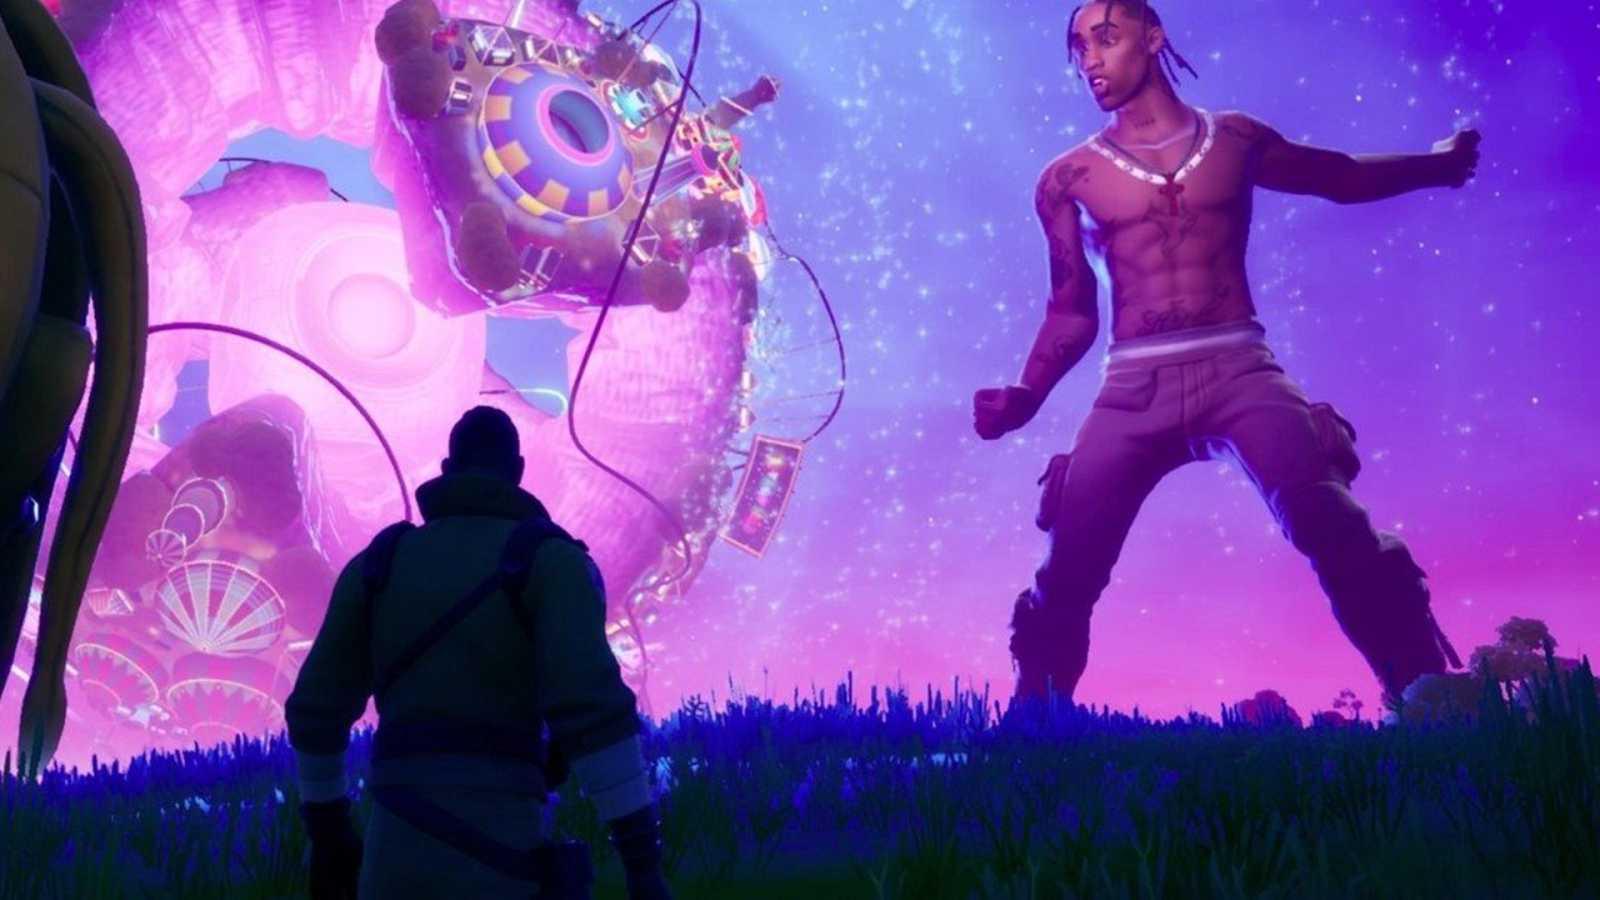 Fortnite bate records con Astronomical, el concierto de Travis Scott en el videojuego